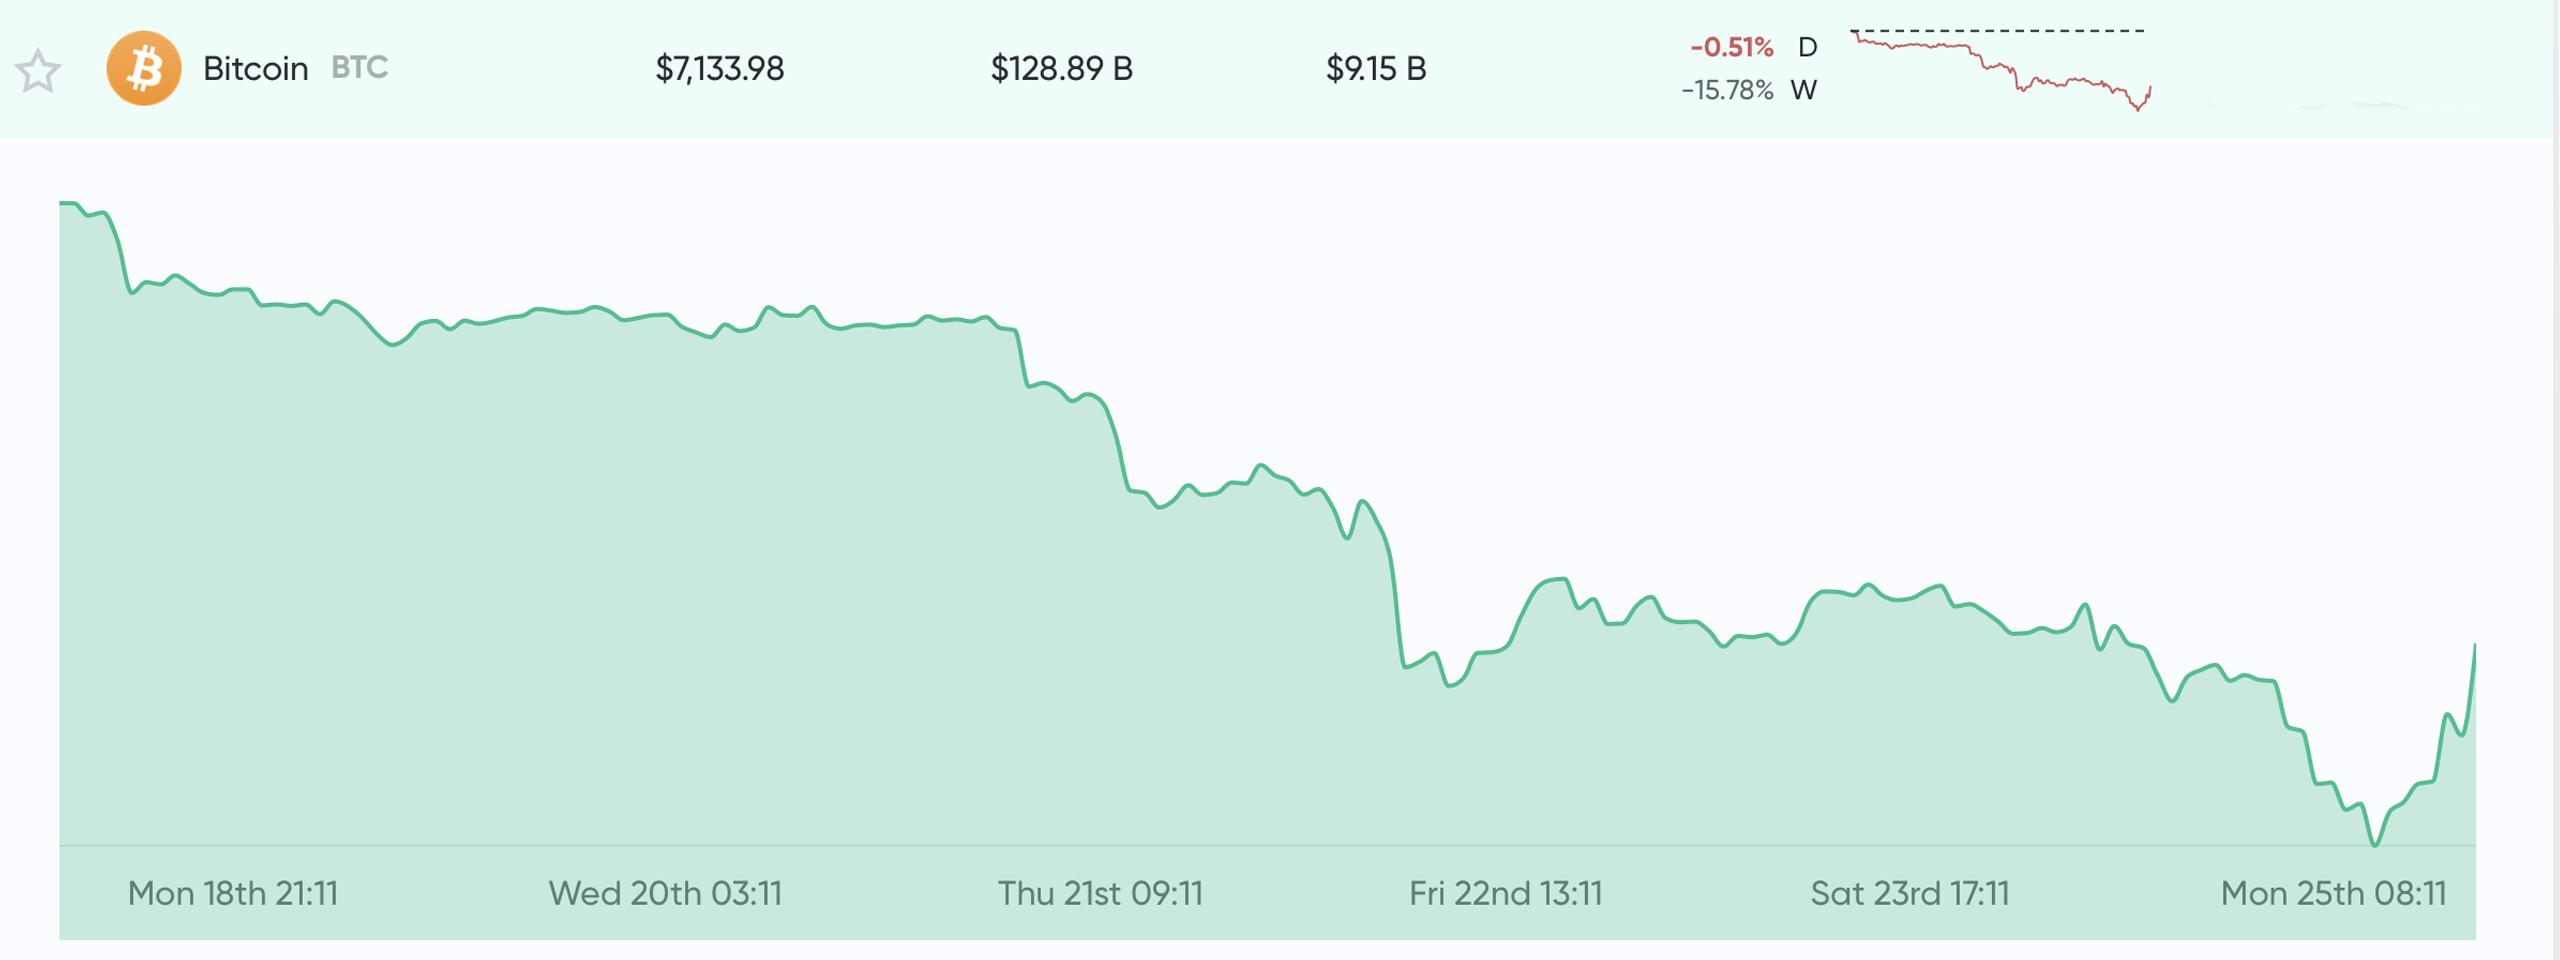 """Actualización del mercado: Incertidumbre ataca a los comerciantes de criptomonedas después de una tendencia bajista de una semana"""" width = """"2560"""" height = """"960"""" srcset = """"https: //news.bitcoin.com/wp-content/uploads/2019/11/btctodyyyyydydyyd.jpg 2560w, https://news.bitcoin.com/wp-content/uploads/2019/11/btctodyyyyydydyyd-300x113.jpg 300w, https://news.bitcoin.com/wp-content/uploads/2019/11/btctodyyyyydydyyd-1024x384.jpg 1024w, https://news.bitcoin.com/wp-content/uploads/2019/11/btctodyyyyydydyyd-768x288 .jpg 768w, https://news.bitcoin.com/wp-content/uploads/2019/11/btctodyyyyydydyyd-1536x576.jpg 1536w, https://news.bitcoin.com/wp-content/uploads/2019/11 /btctodyyyyydydyyd-2048x768.jpg 2048w, https://news.bitcoin.com/wp-content/uploads/2019/11/btctodyyyyydydyyd-696x261.jpg 696w, https://news.bitcoin.com/wp-content/uploads /2019/11/btctodyyyyydydyyd-1392x522.jpg 1392w, https://news.bitcoin.com/wp-content/uploads/2019/11/btctodyyyyydydyyd-1068x401.jpg 1068w, https : //news.bitcoin.com/wp-content/uploads/2019/11/btctodyyyyydydyyd-1120x420.jpg 1120w, https://news.bitcoin.com/wp-content/uploads/2019/11/btctodyyyyydydyyd-1920x720. jpg 1920w """"tamaños ="""" (ancho máximo: 2560px) 100vw, 2560px"""